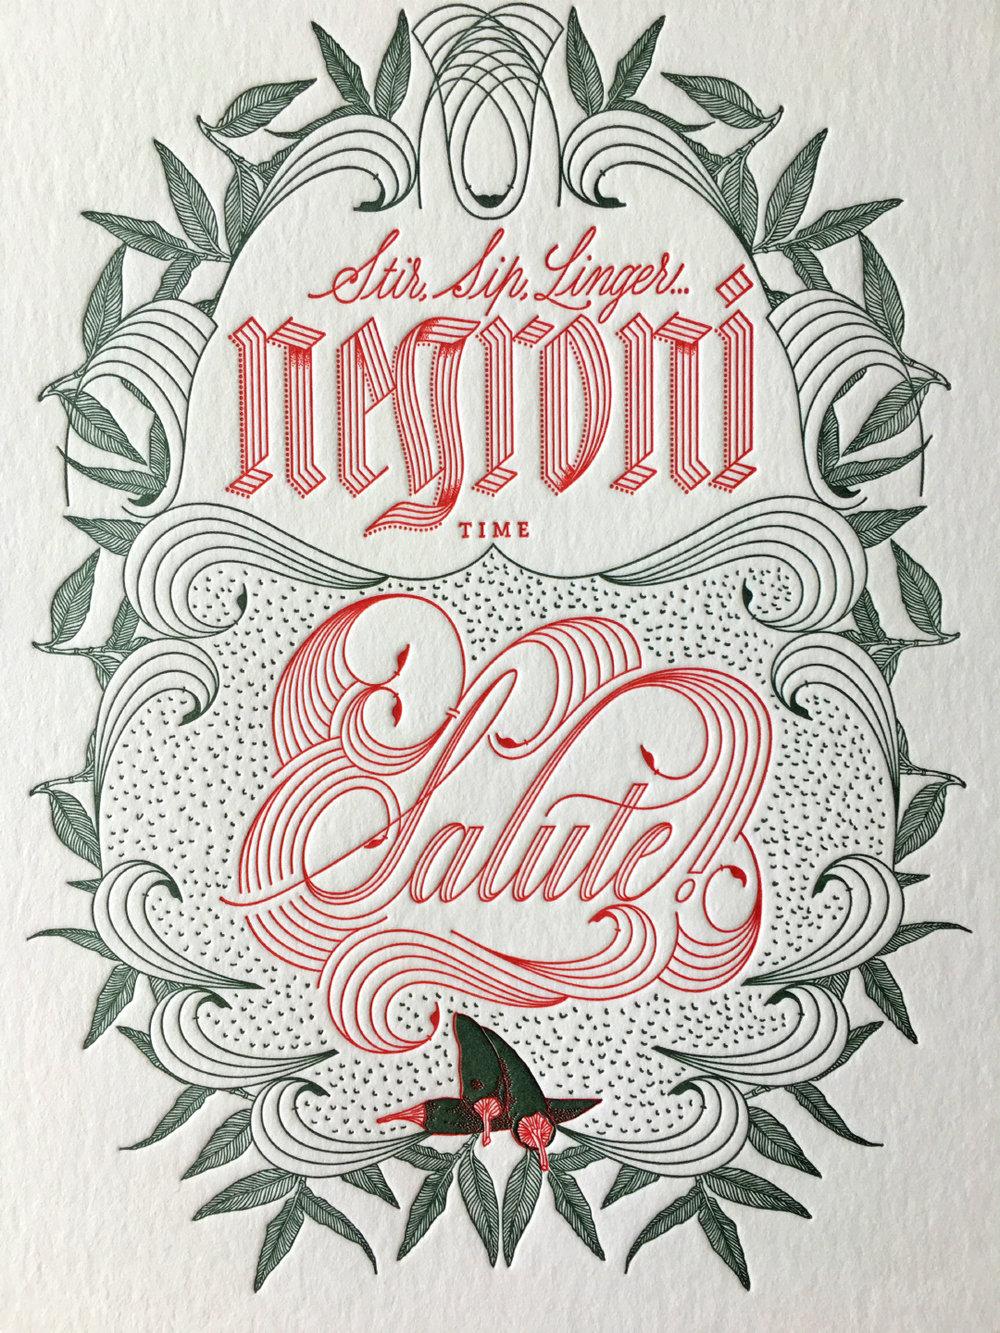 Negroni_letterpress.jpg